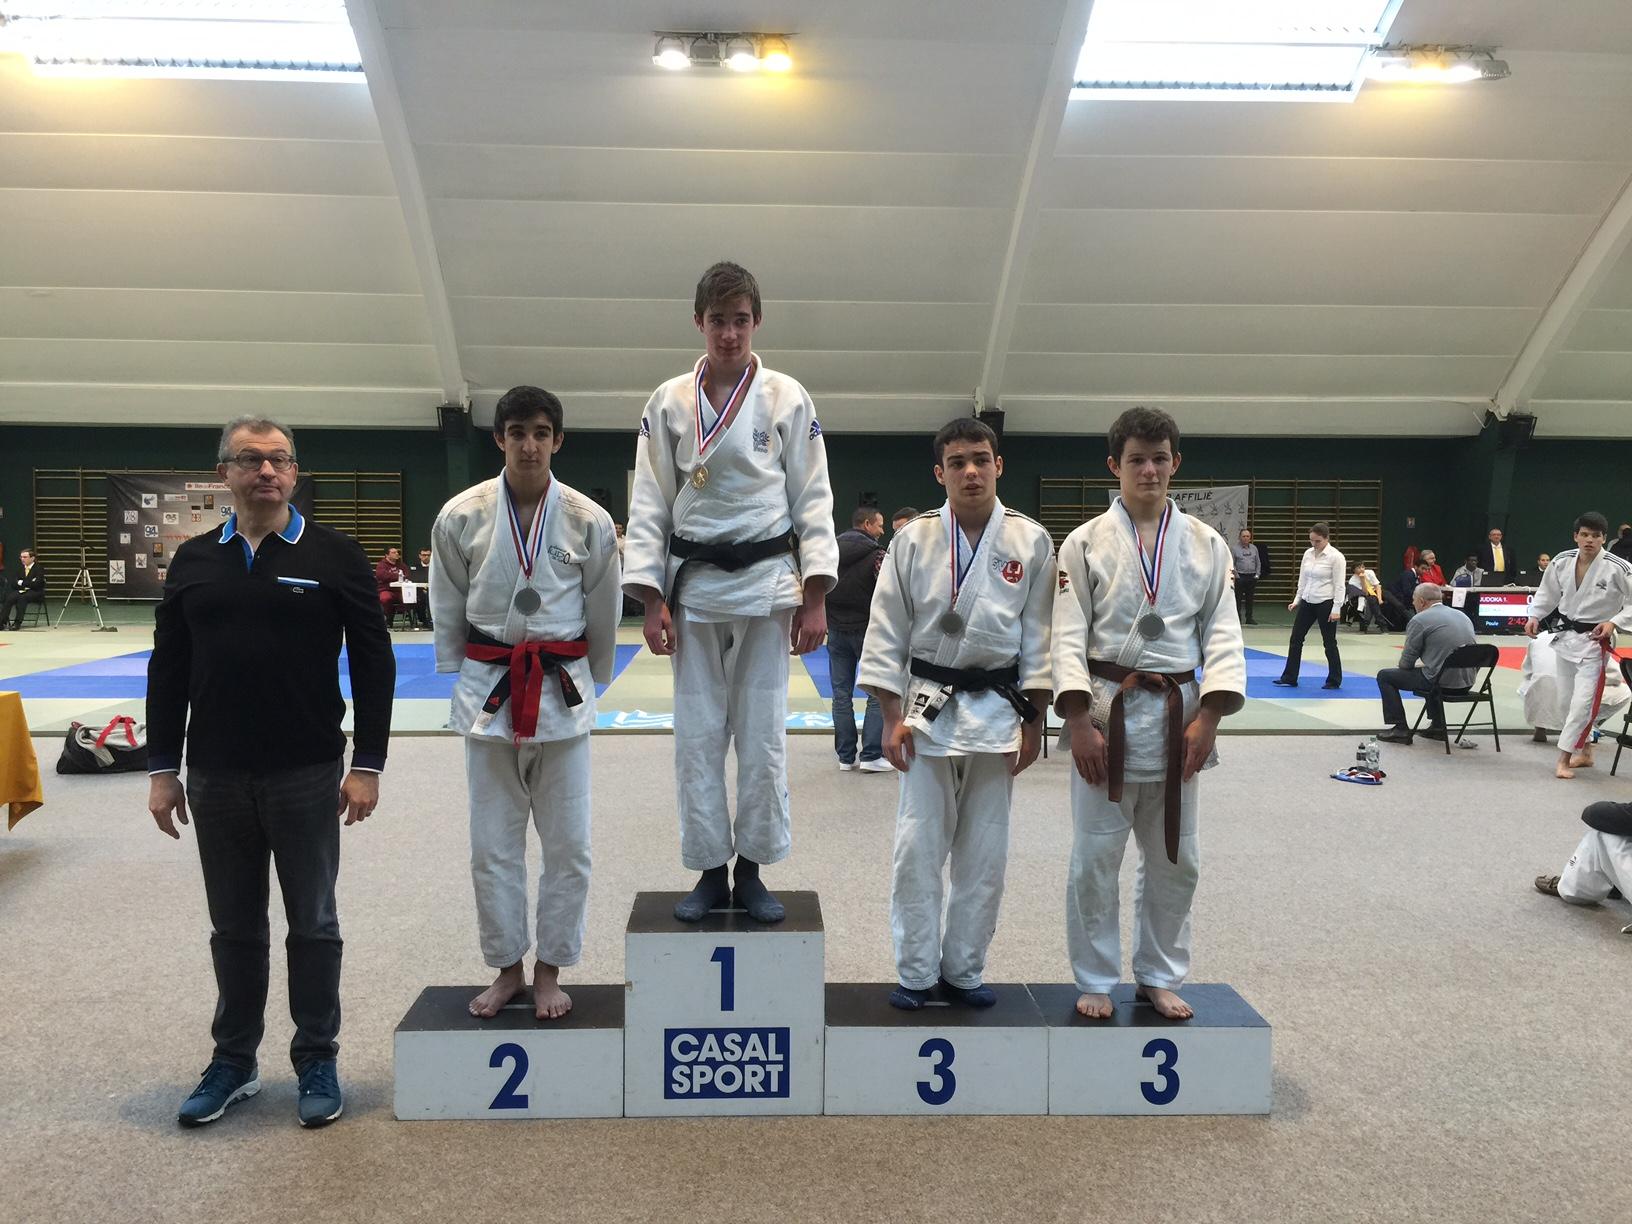 Lors des championnats du Val-de-Marne junior, Antoine FAURE termine troisième de sa catégorie.